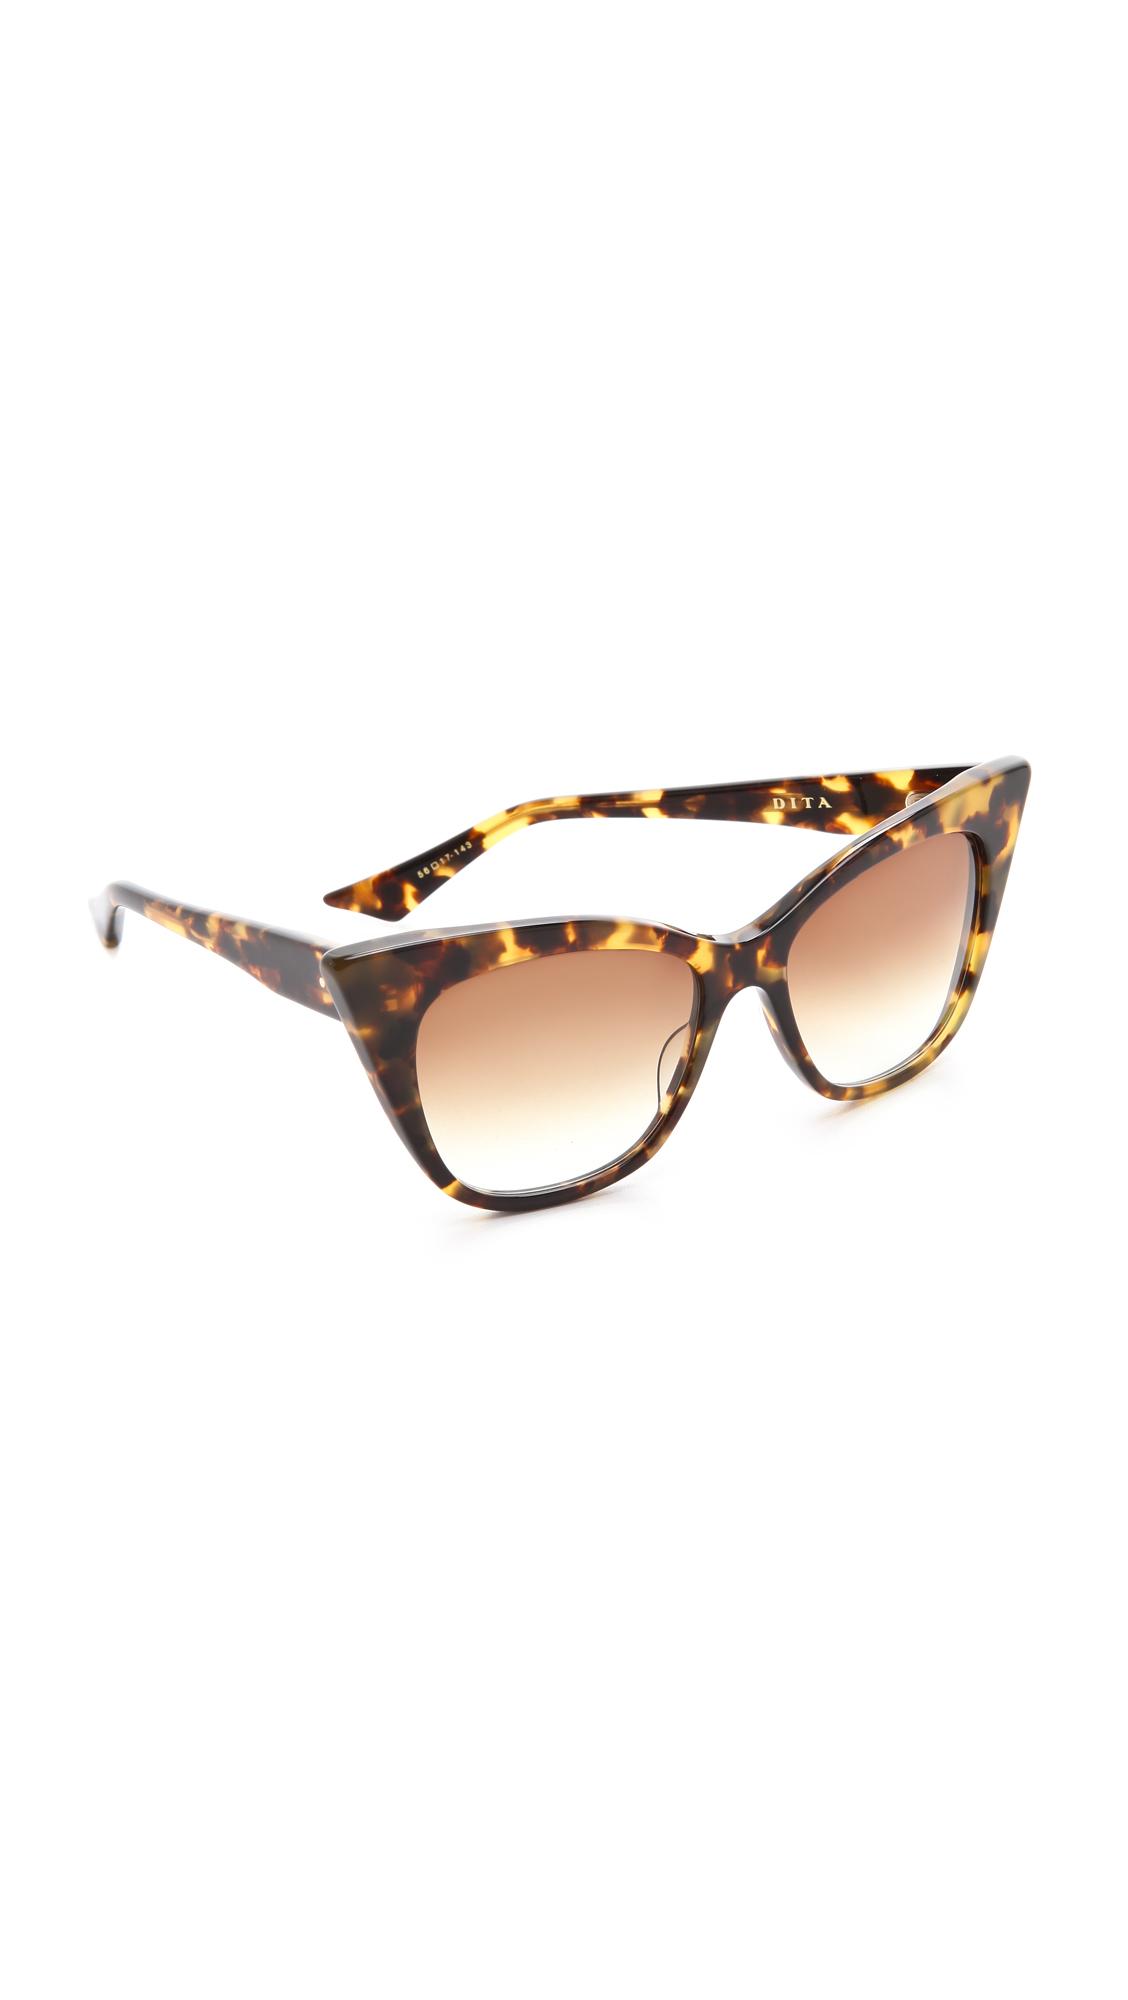 433b1be7d7dd DITA Magnifique Sunglasses